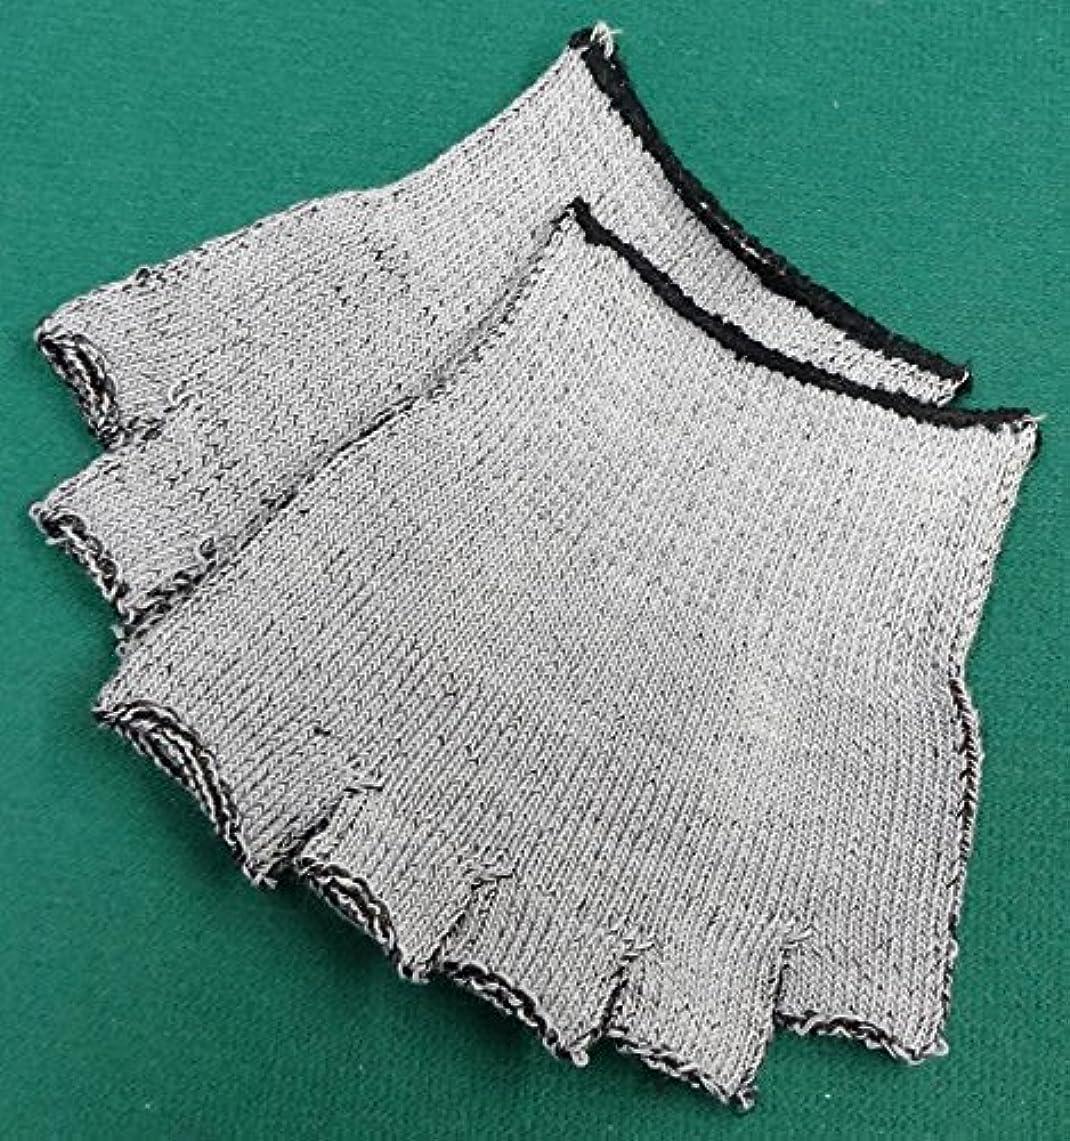 会計またね計り知れない銅繊維入りハーフソックス (6枚(3足セット))